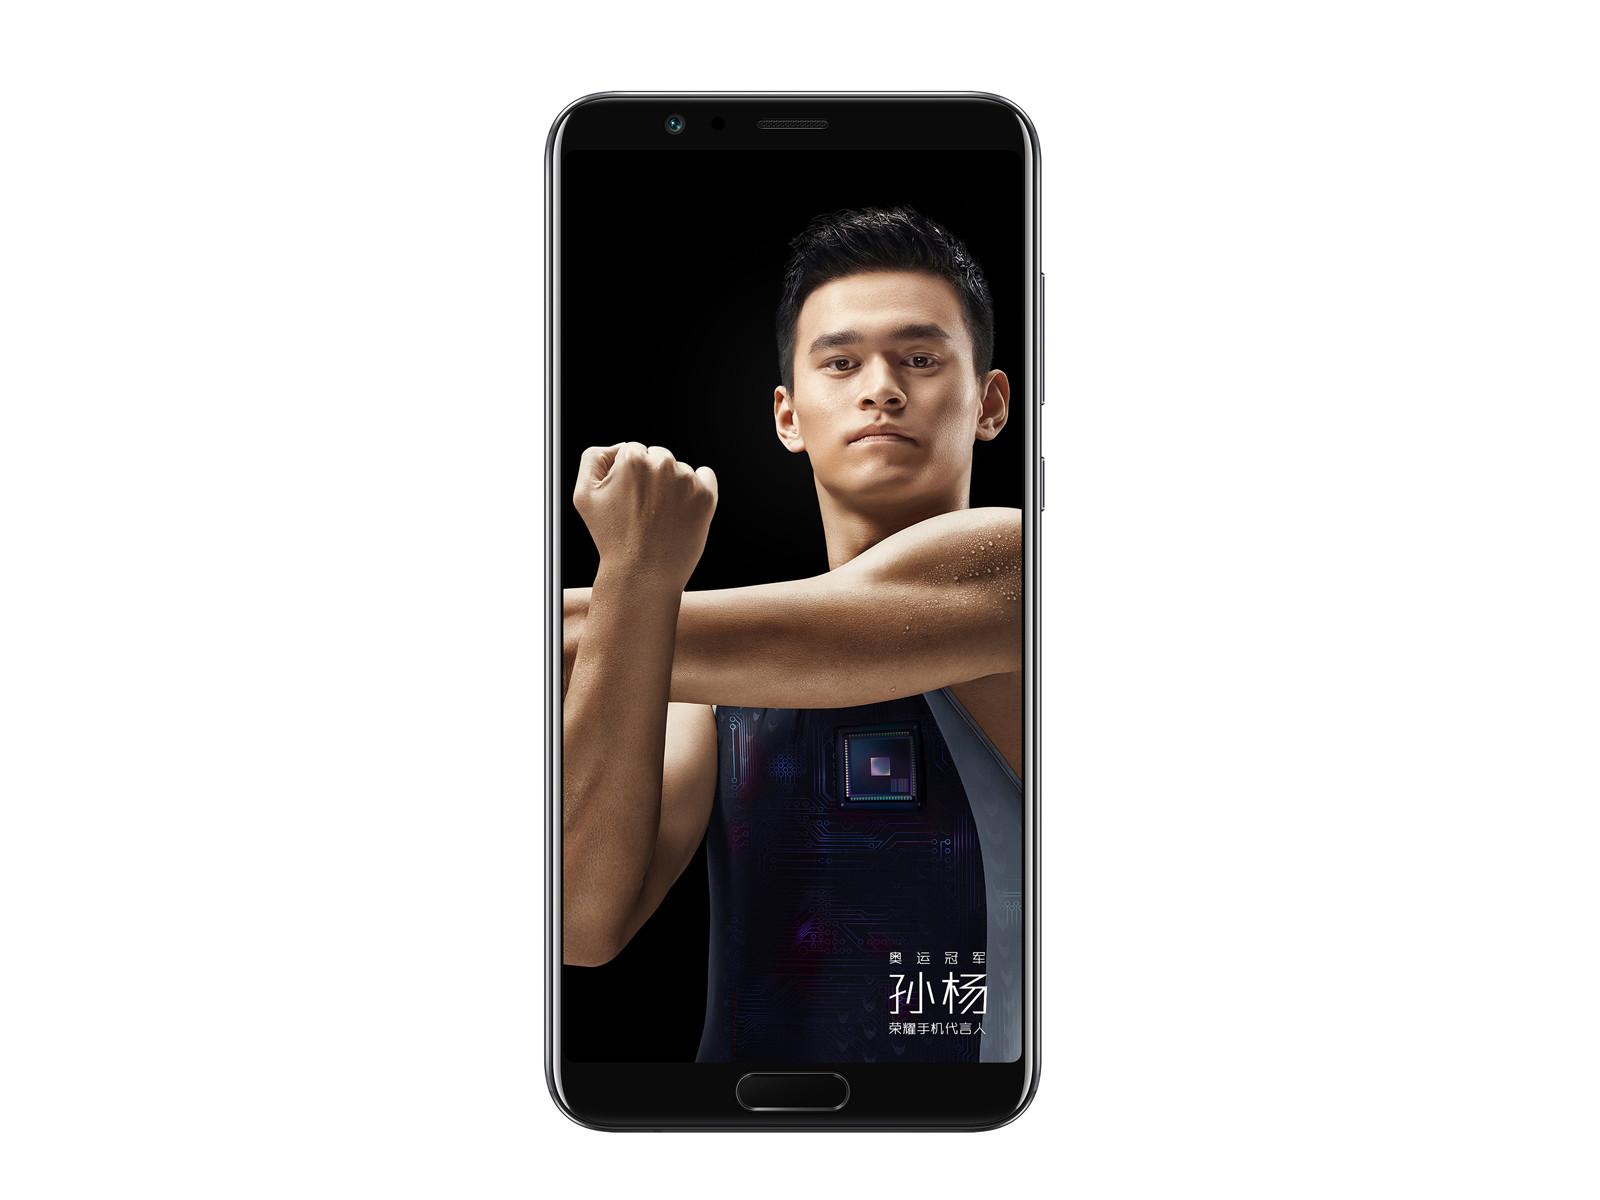 荣耀V10(6+128GB)产品本身外观第1张